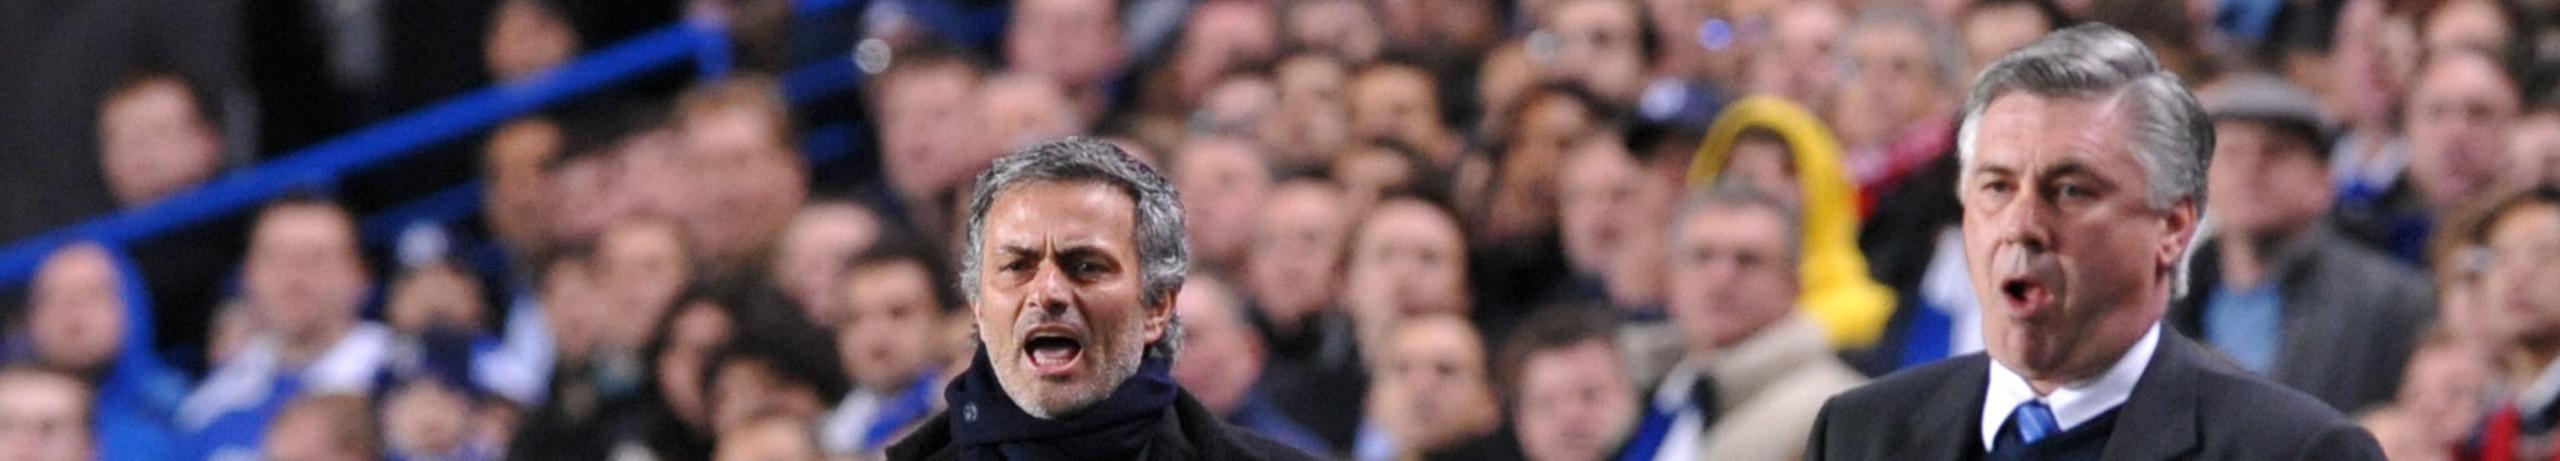 Tottenham-Everton, Ancelotti sfida Mourinho nella prima di Premier